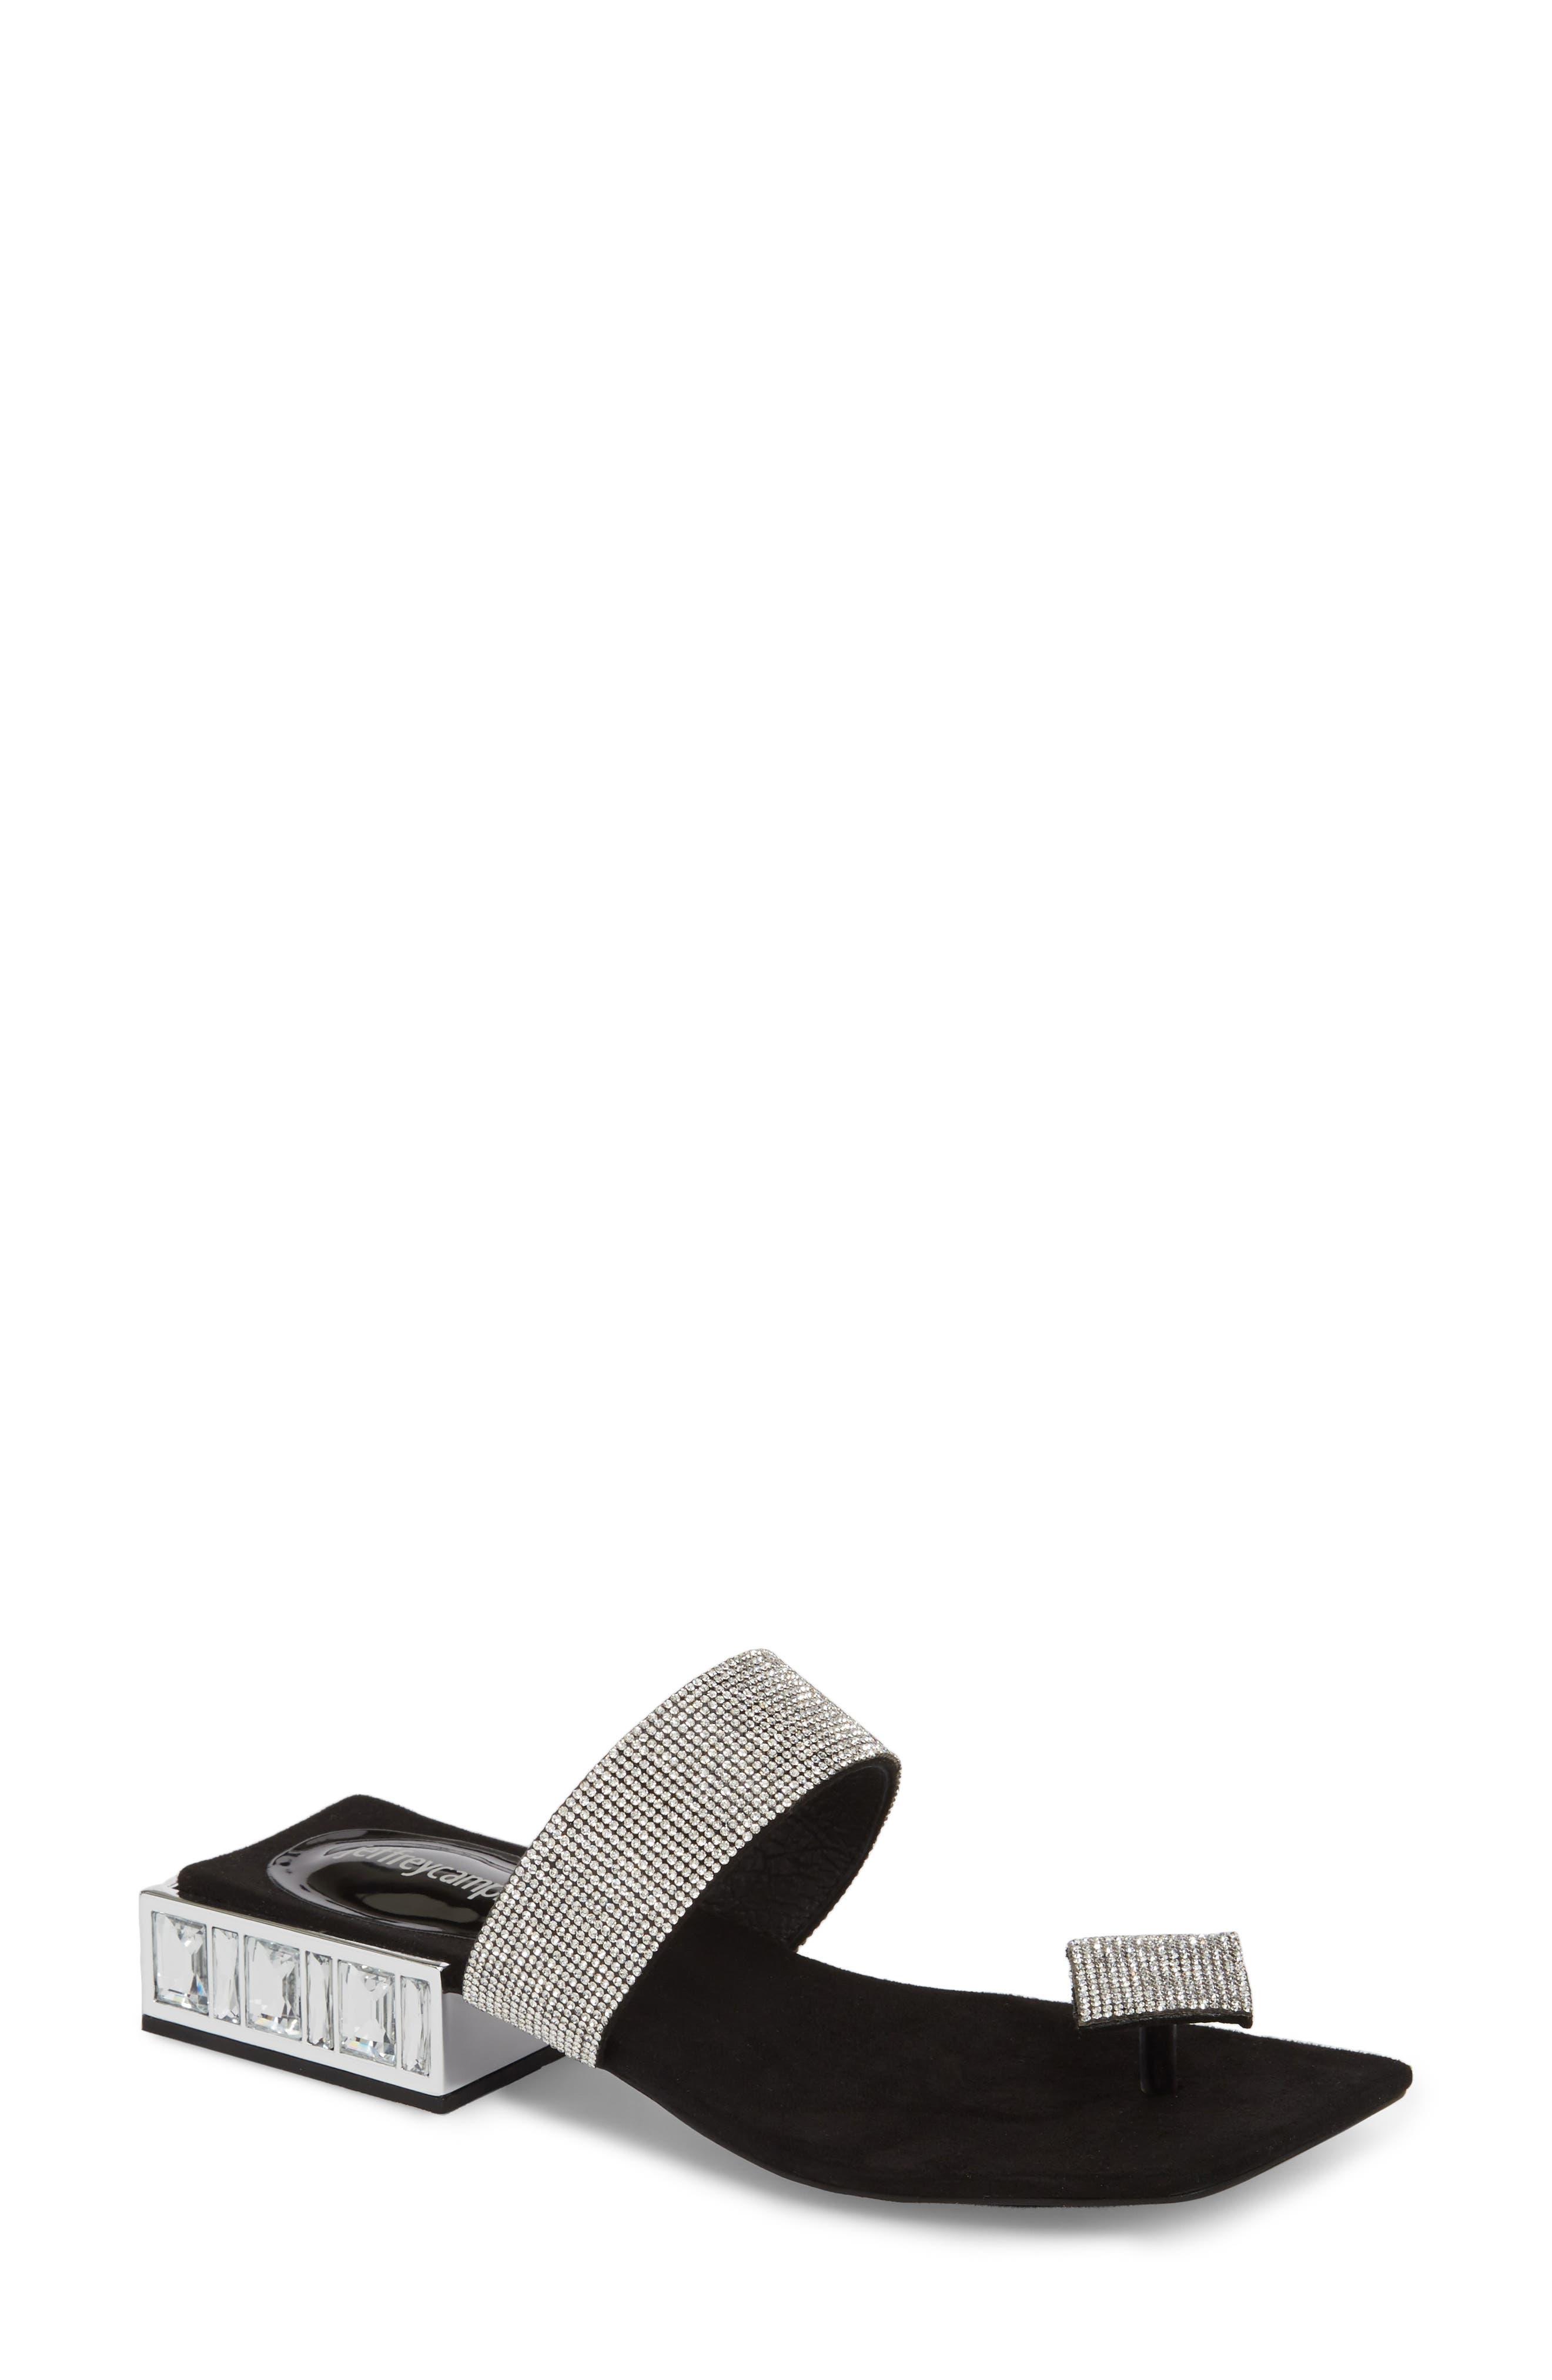 Alise Embellished Sandal,                         Main,                         color, Black Suede/ Silver